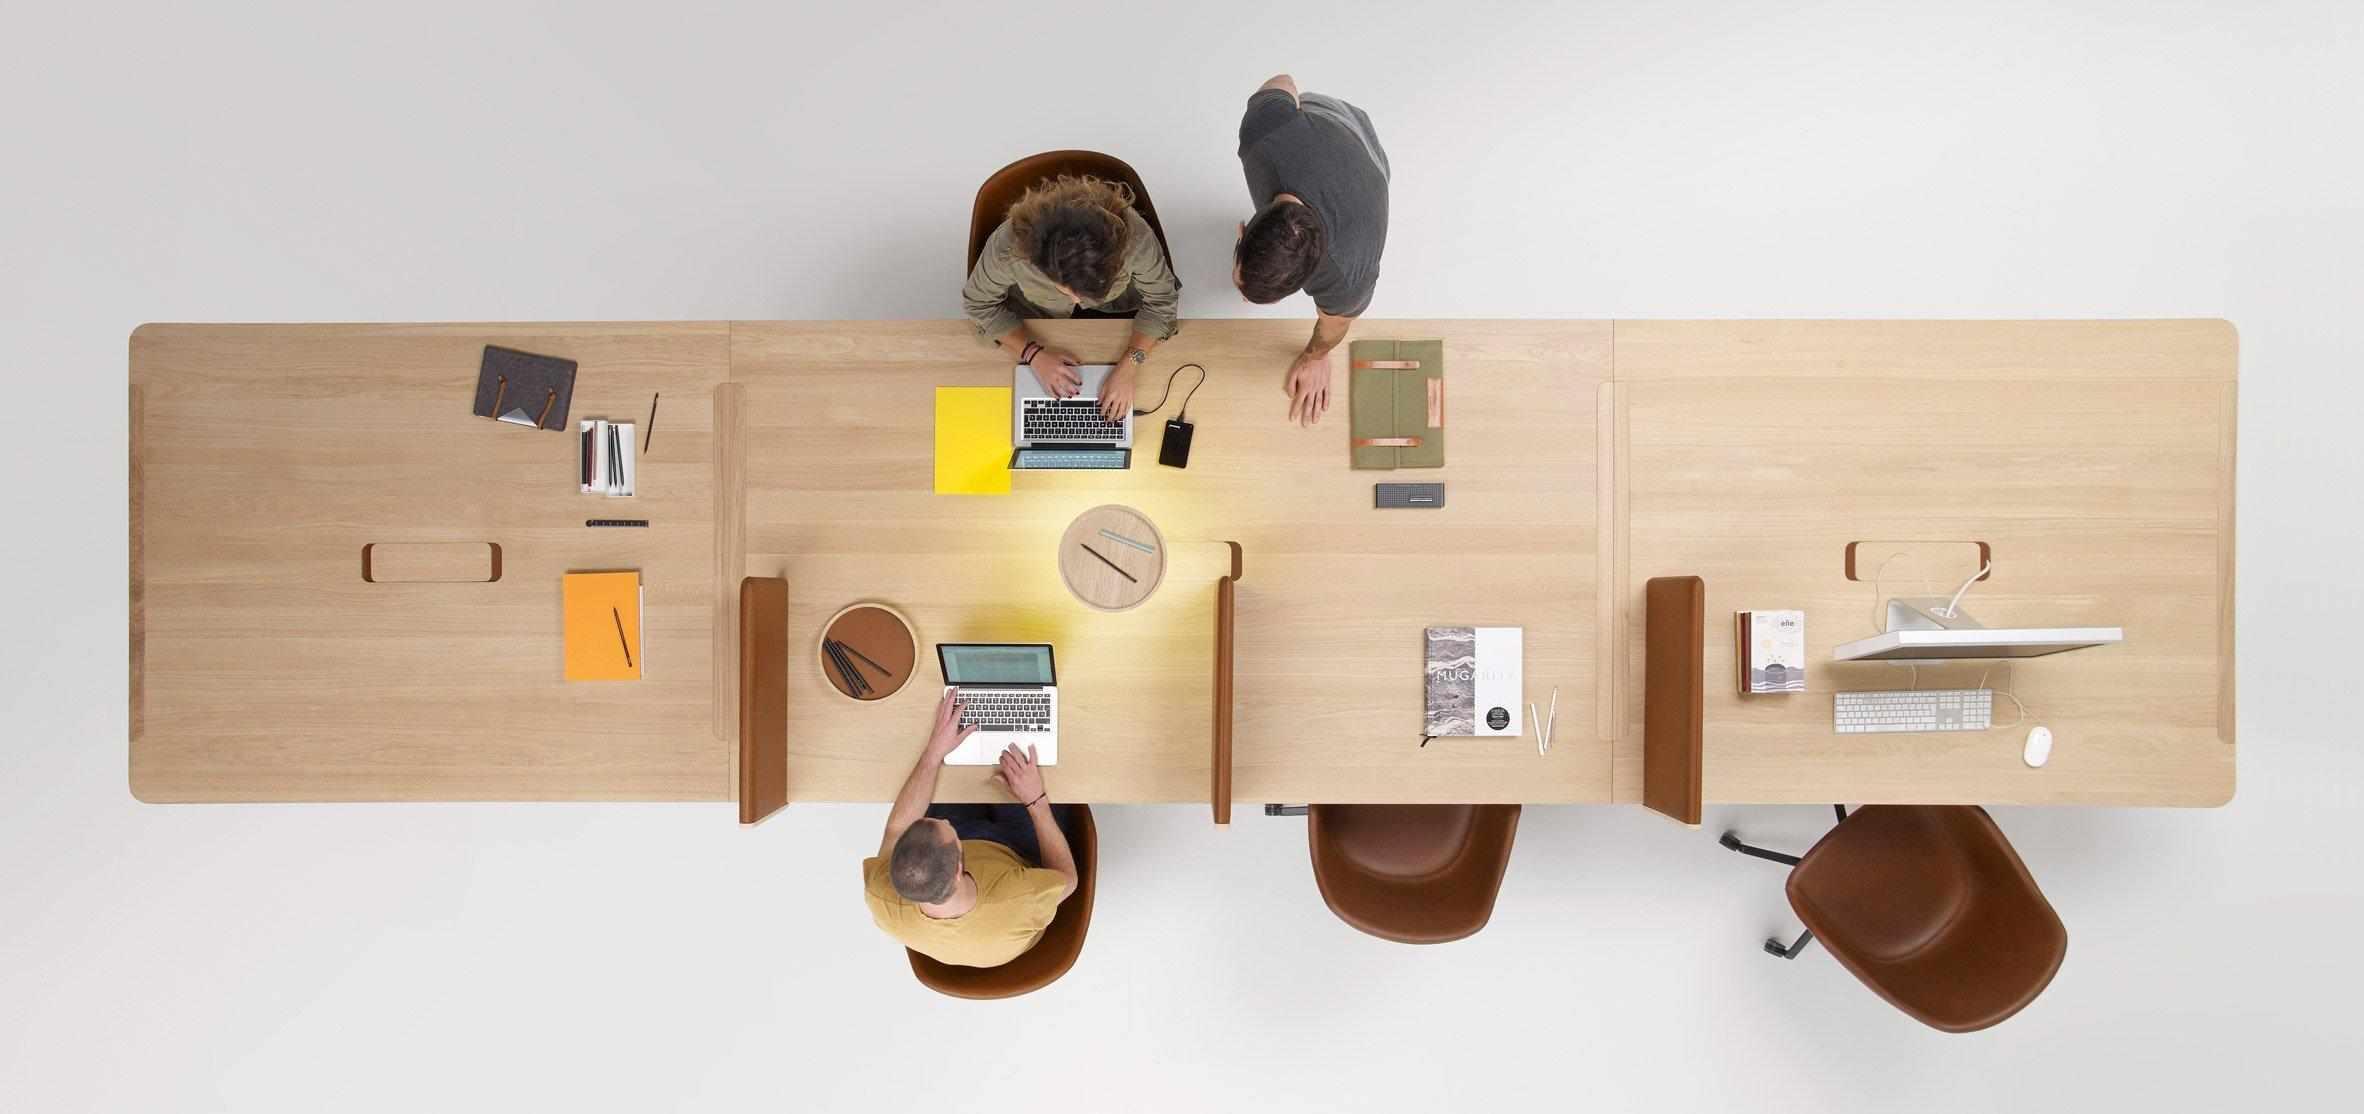 Uffici più confortevoli? Ecco la proposta di Iratzoki Lizaso